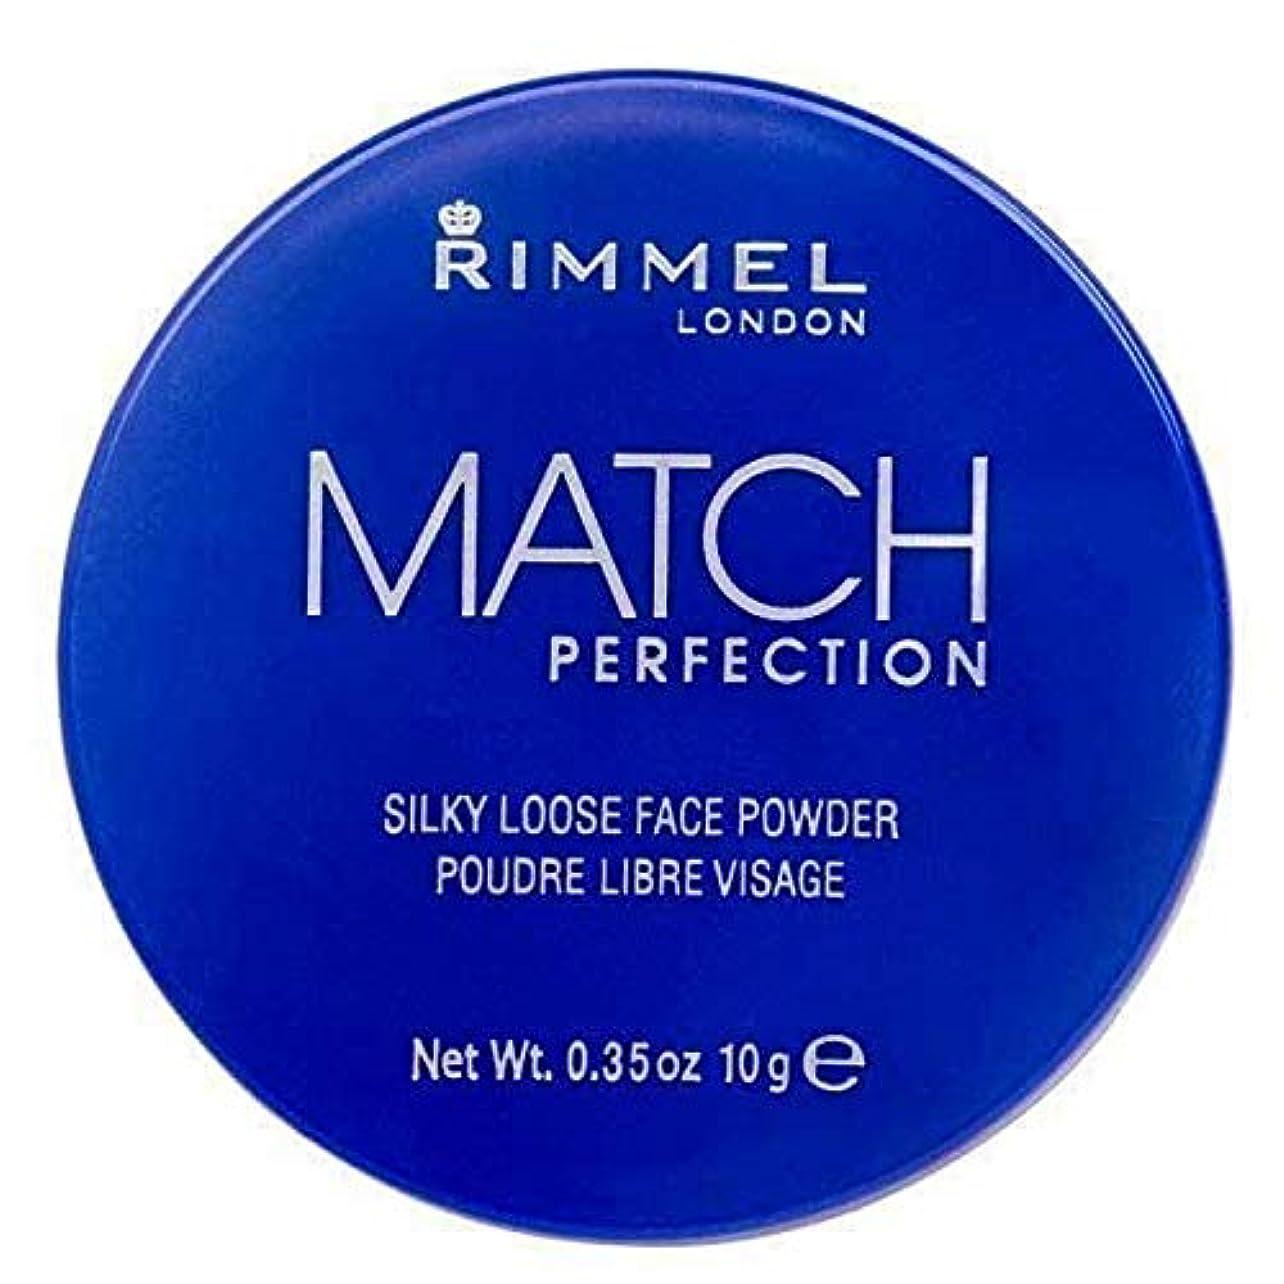 読む冒険者穏やかな[Rimmel ] リンメルマッチ完璧ルースパウダー半透明1 - Rimmel Match Perfection Loose Powder Translucent 1 [並行輸入品]